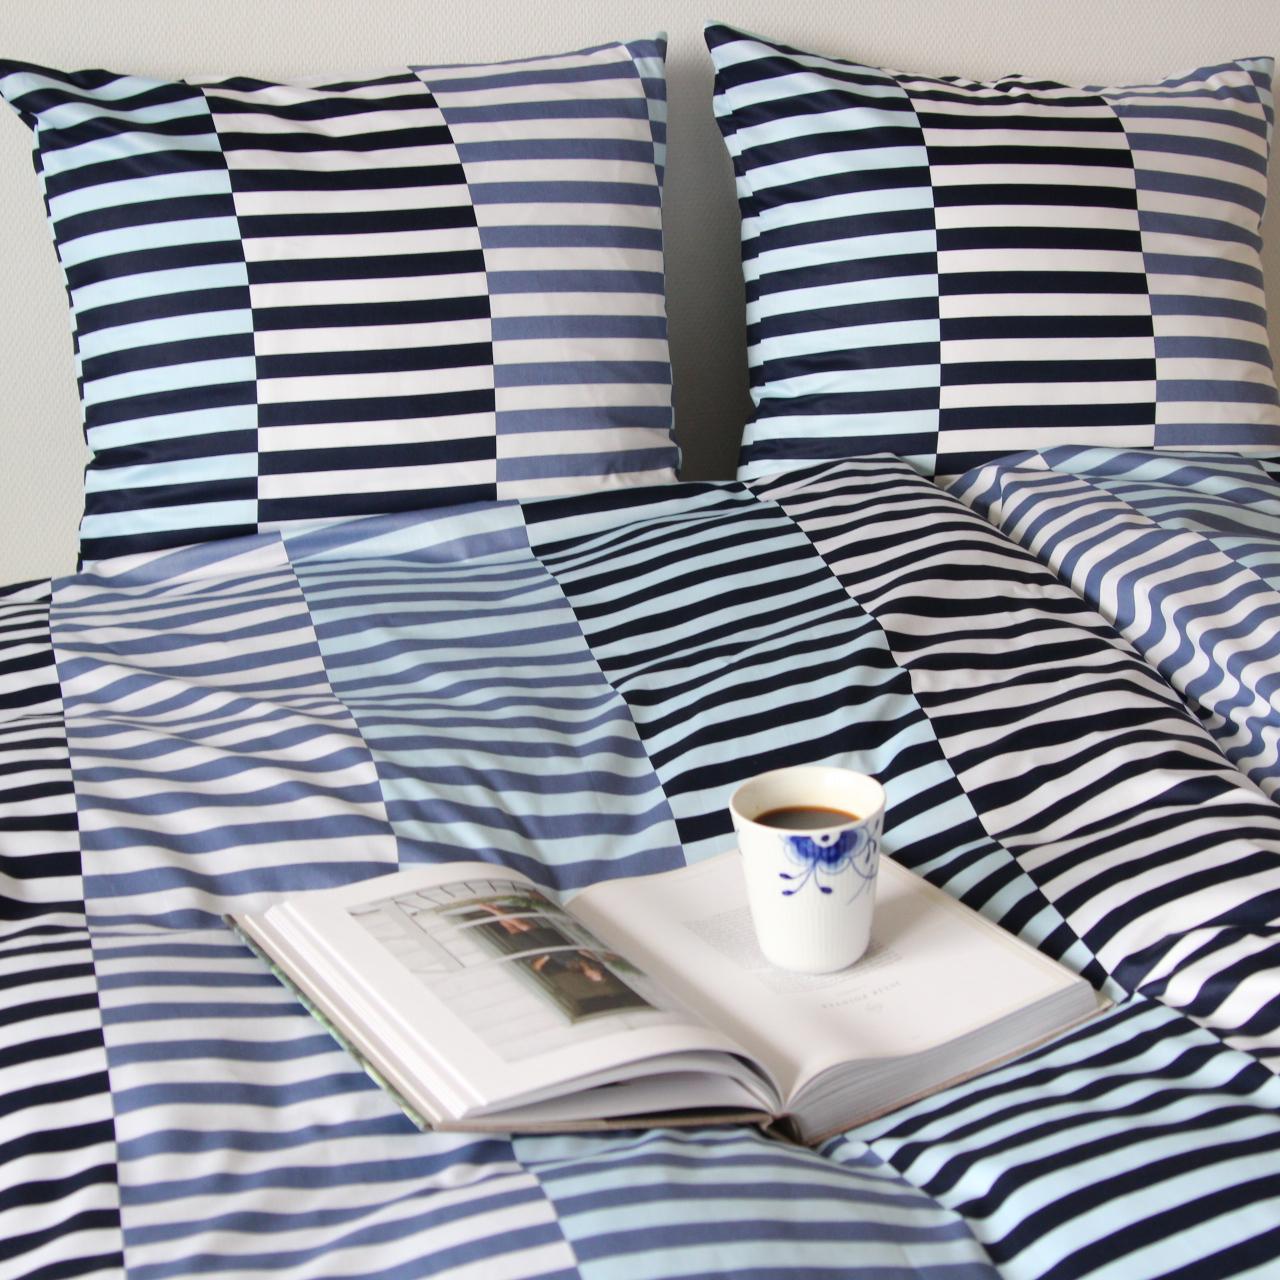 Sidste nye Sengetøj fra bySKAGEN   Køb sengelinned af høj kvalitet her → WR-23